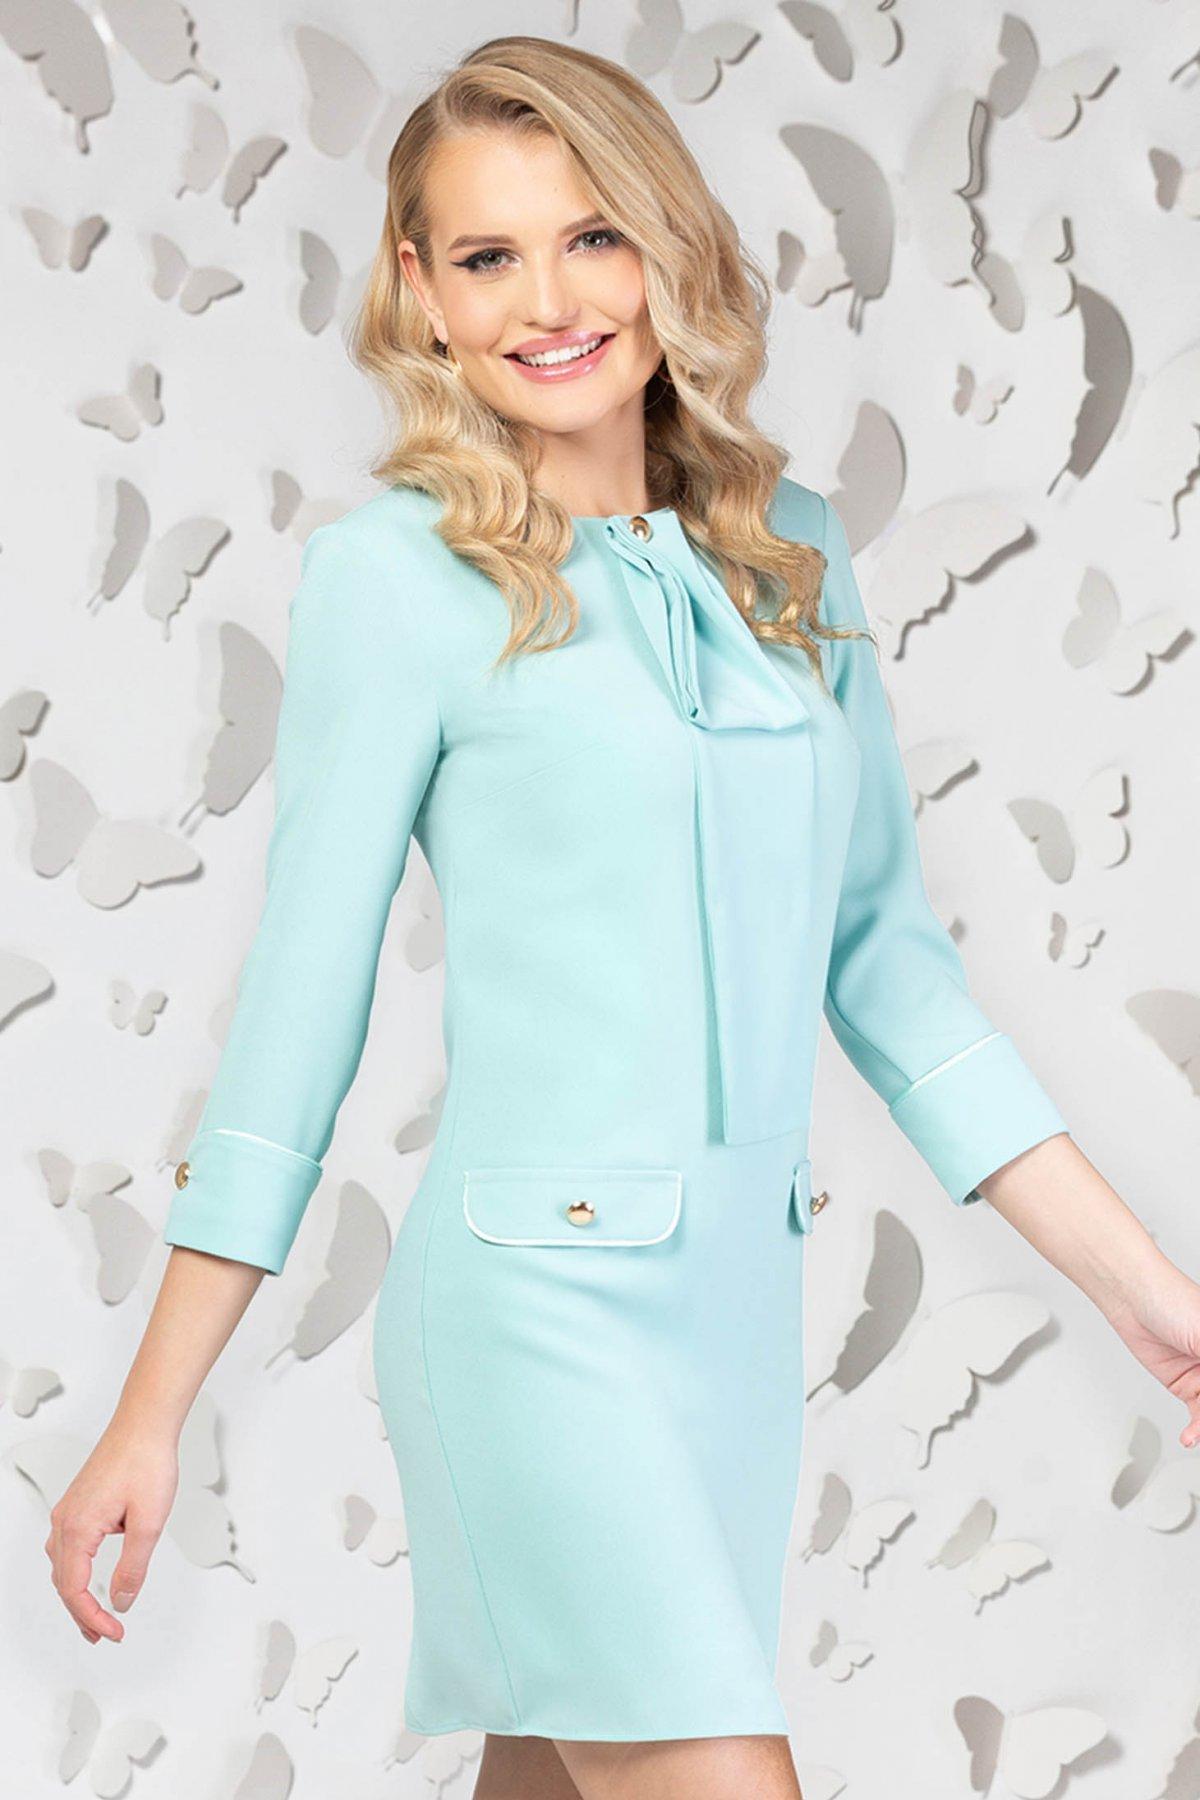 Rochie PrettyGirl albastru-deschis eleganta scurta cu croi drept si guler tip esarfa PrettyGirl